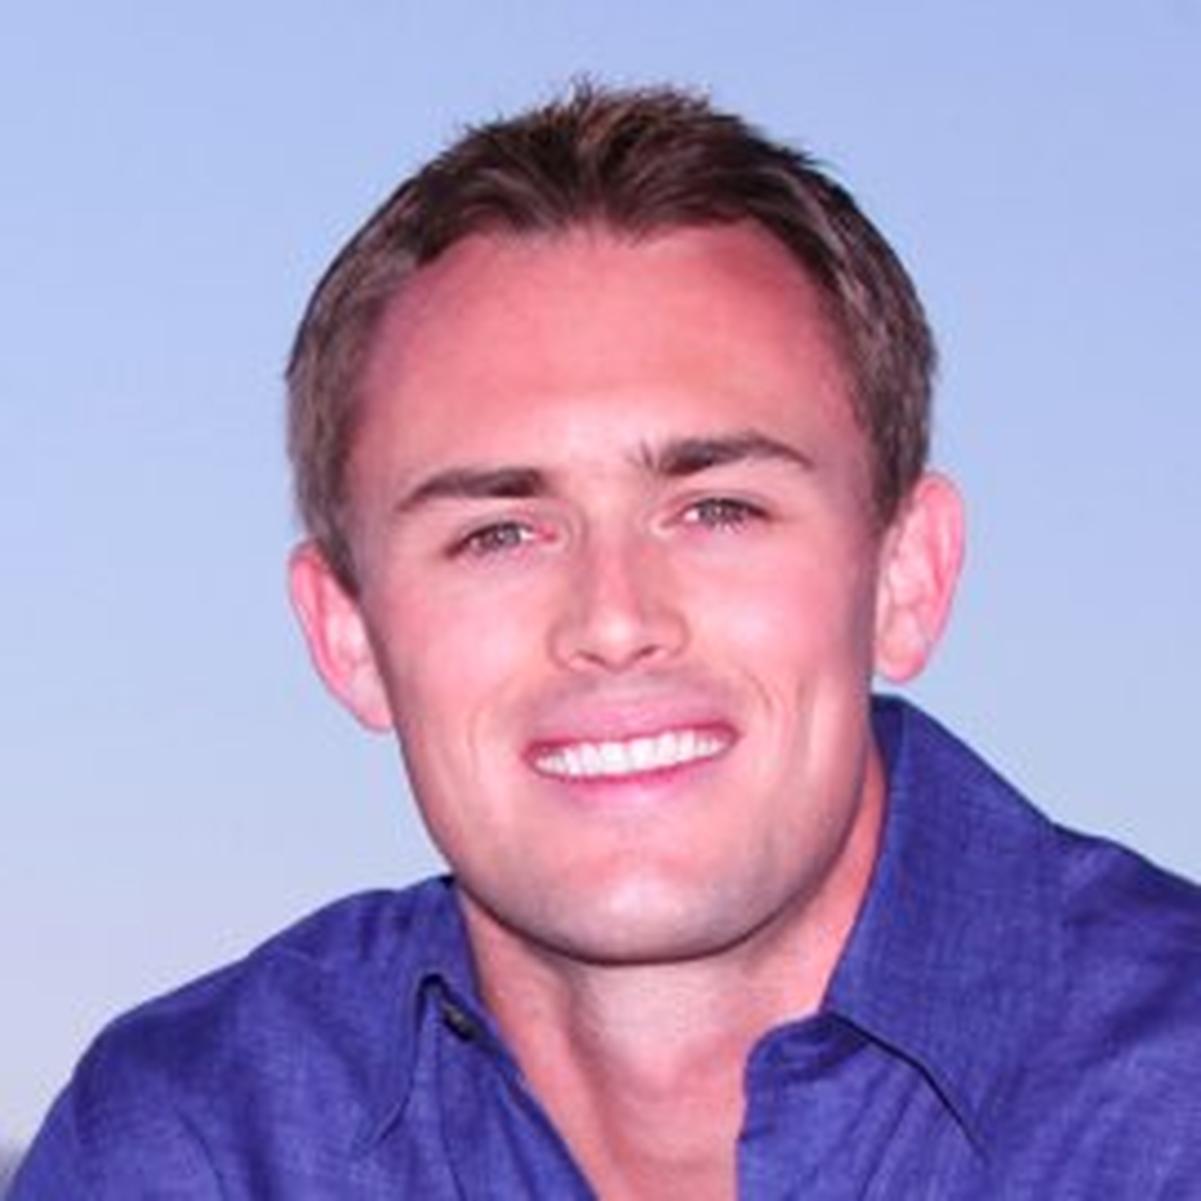 Scott Dinsmore